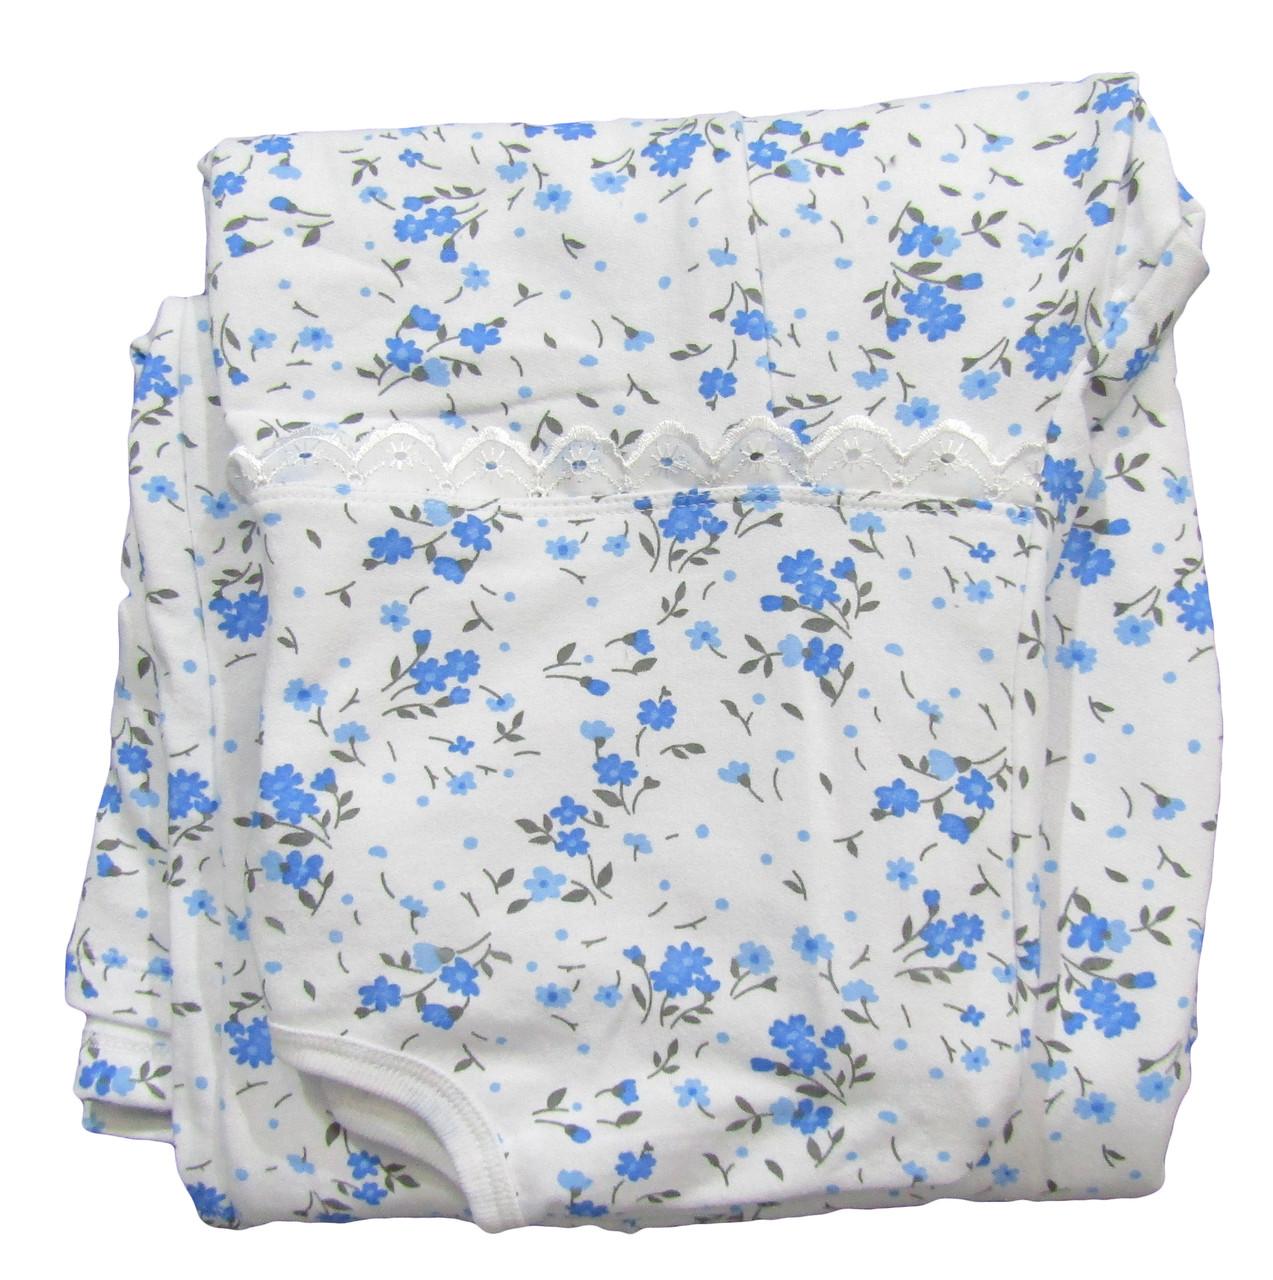 b27f2466d1ef ... Ночная рубашка теплая 03271 Пуговка для беременных, в роддом, р.р.46